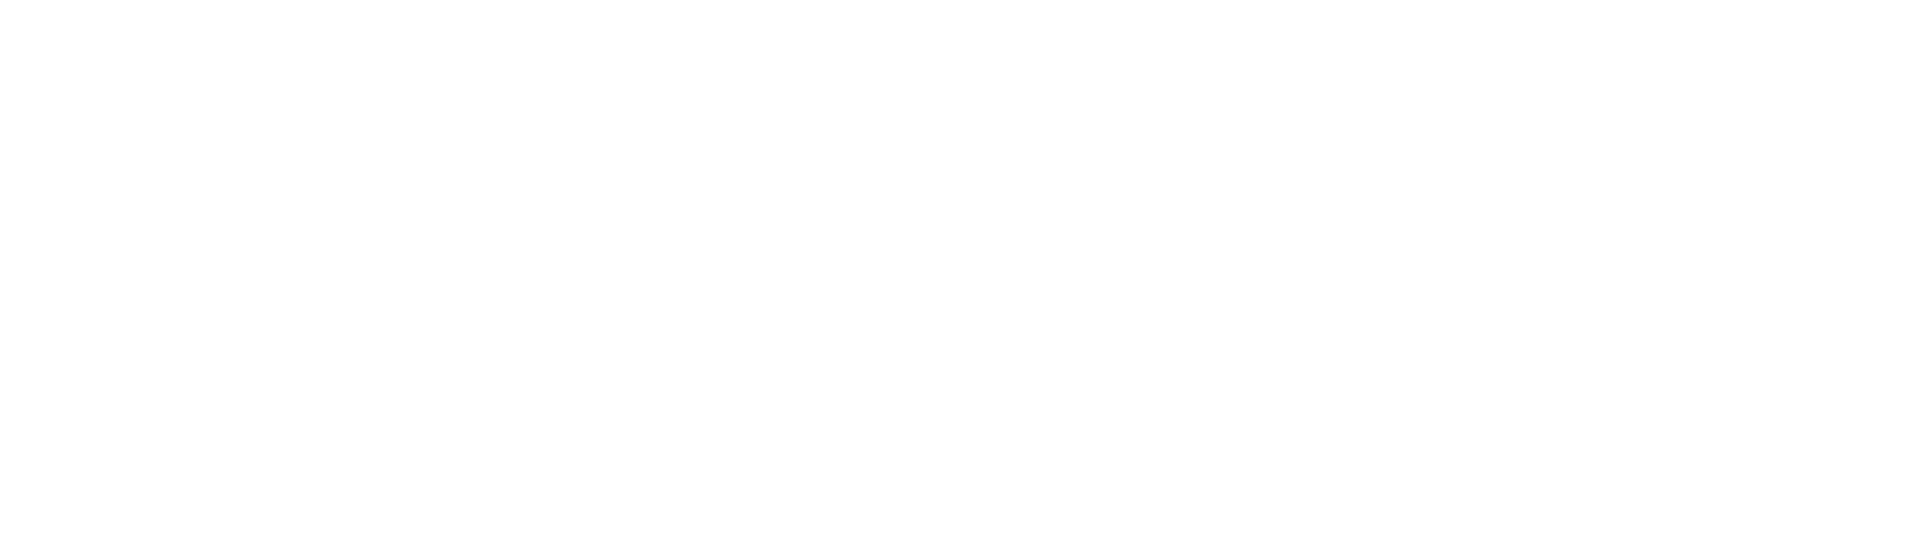 Sacchini